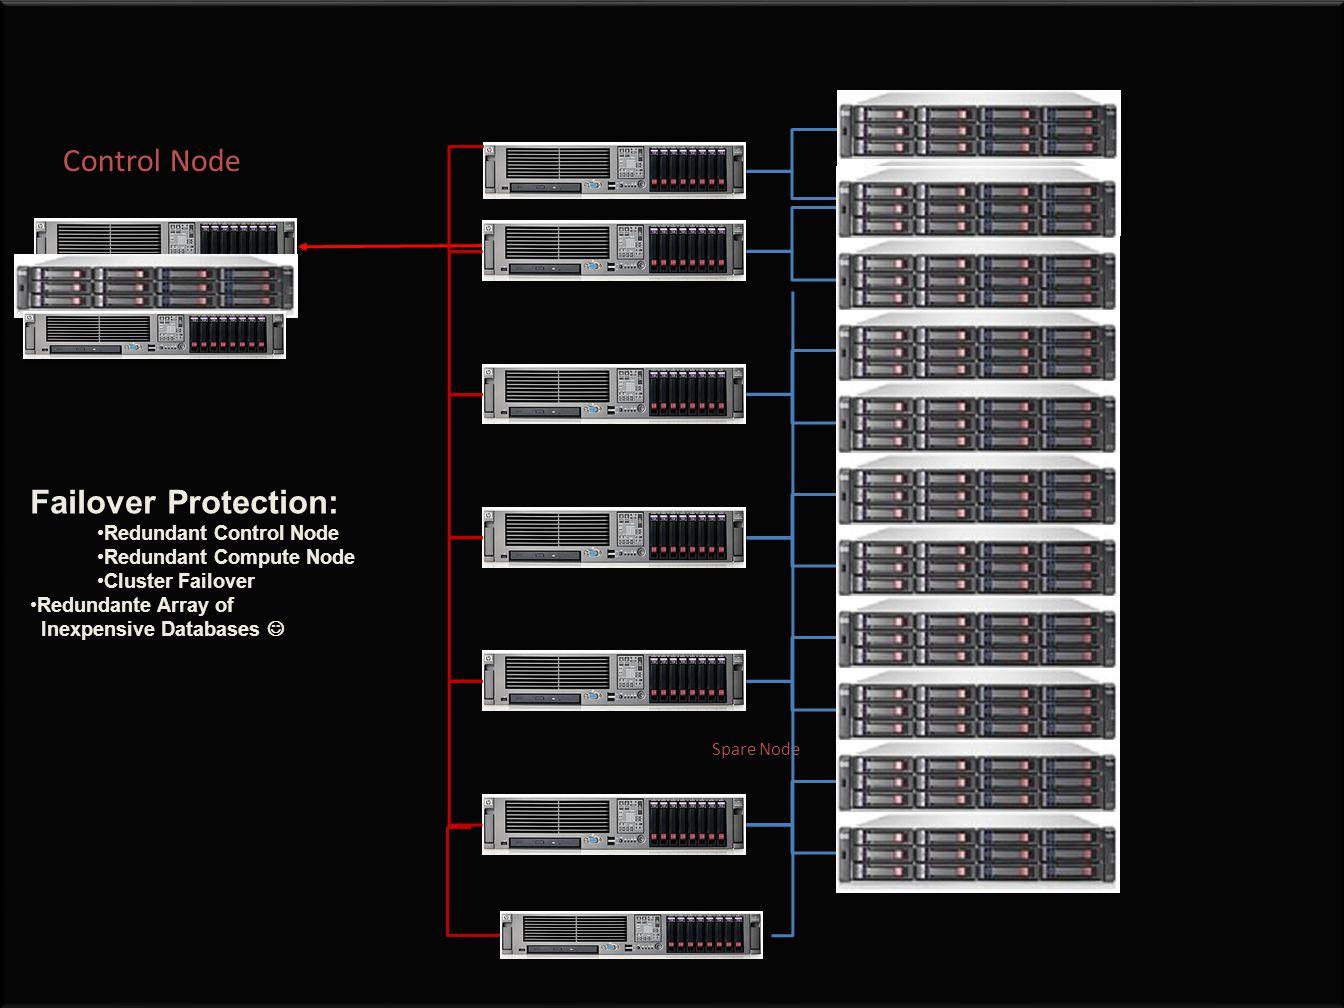 Control Node Failover Protection: Redundant Control Node Redundant Compute Node Cluster Failover Redundante Array of Inexpensive Databases Spare Node